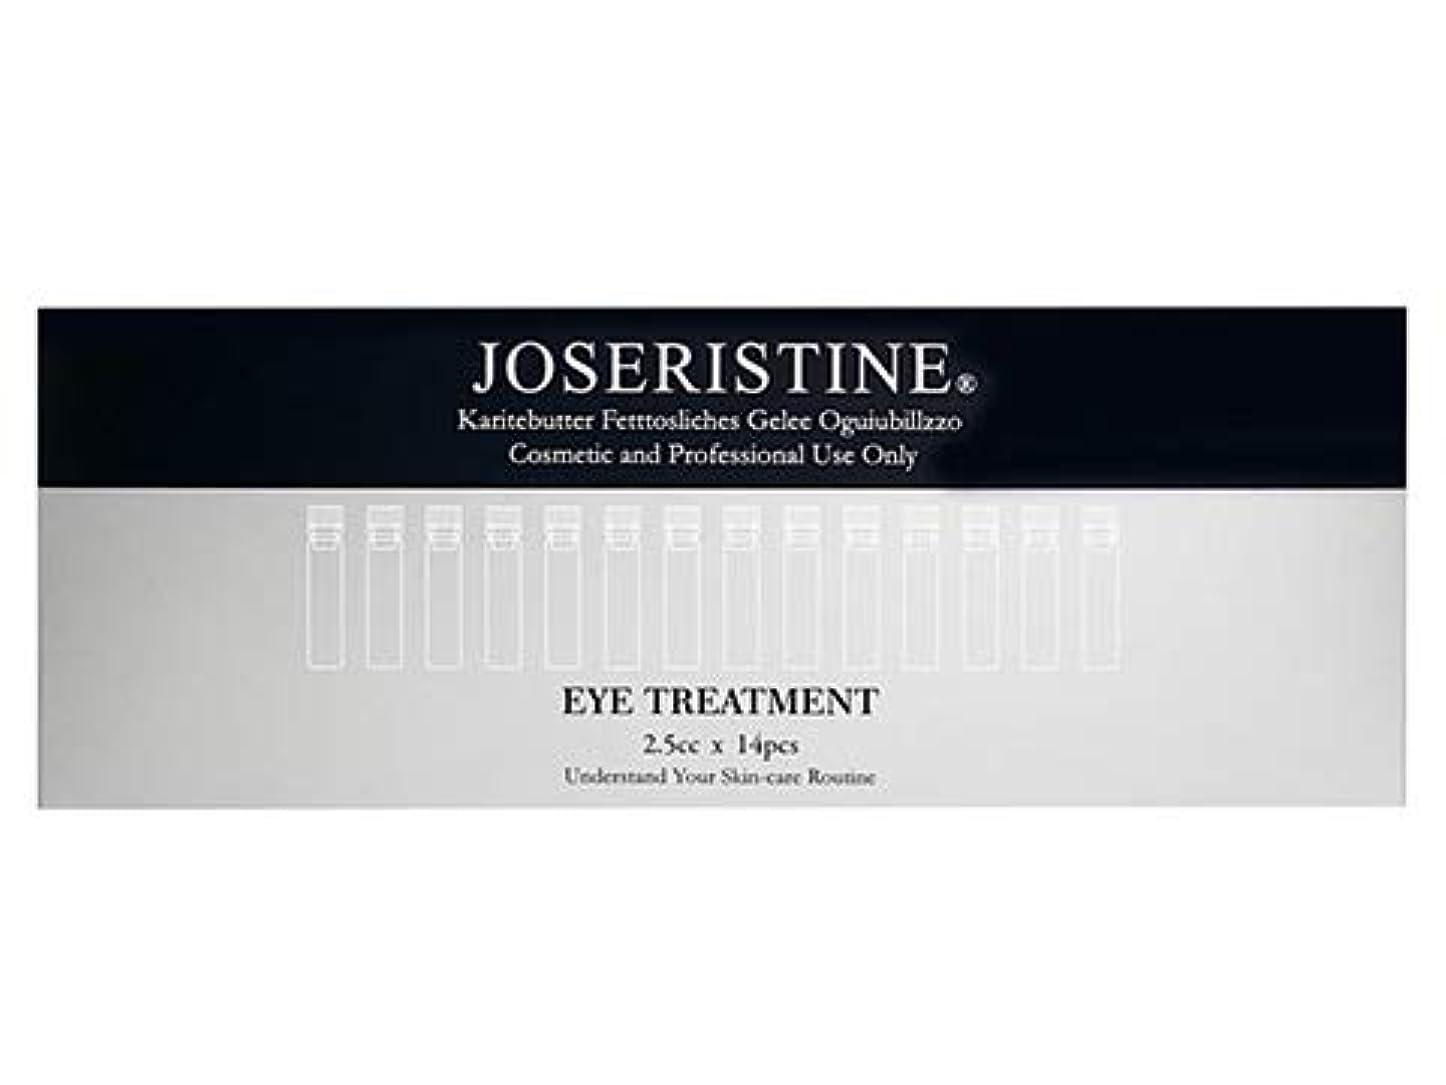 マーベルすべて靴下[Joseristine] アイ トリートメント Joseristine Eye Treatment (14pcs)